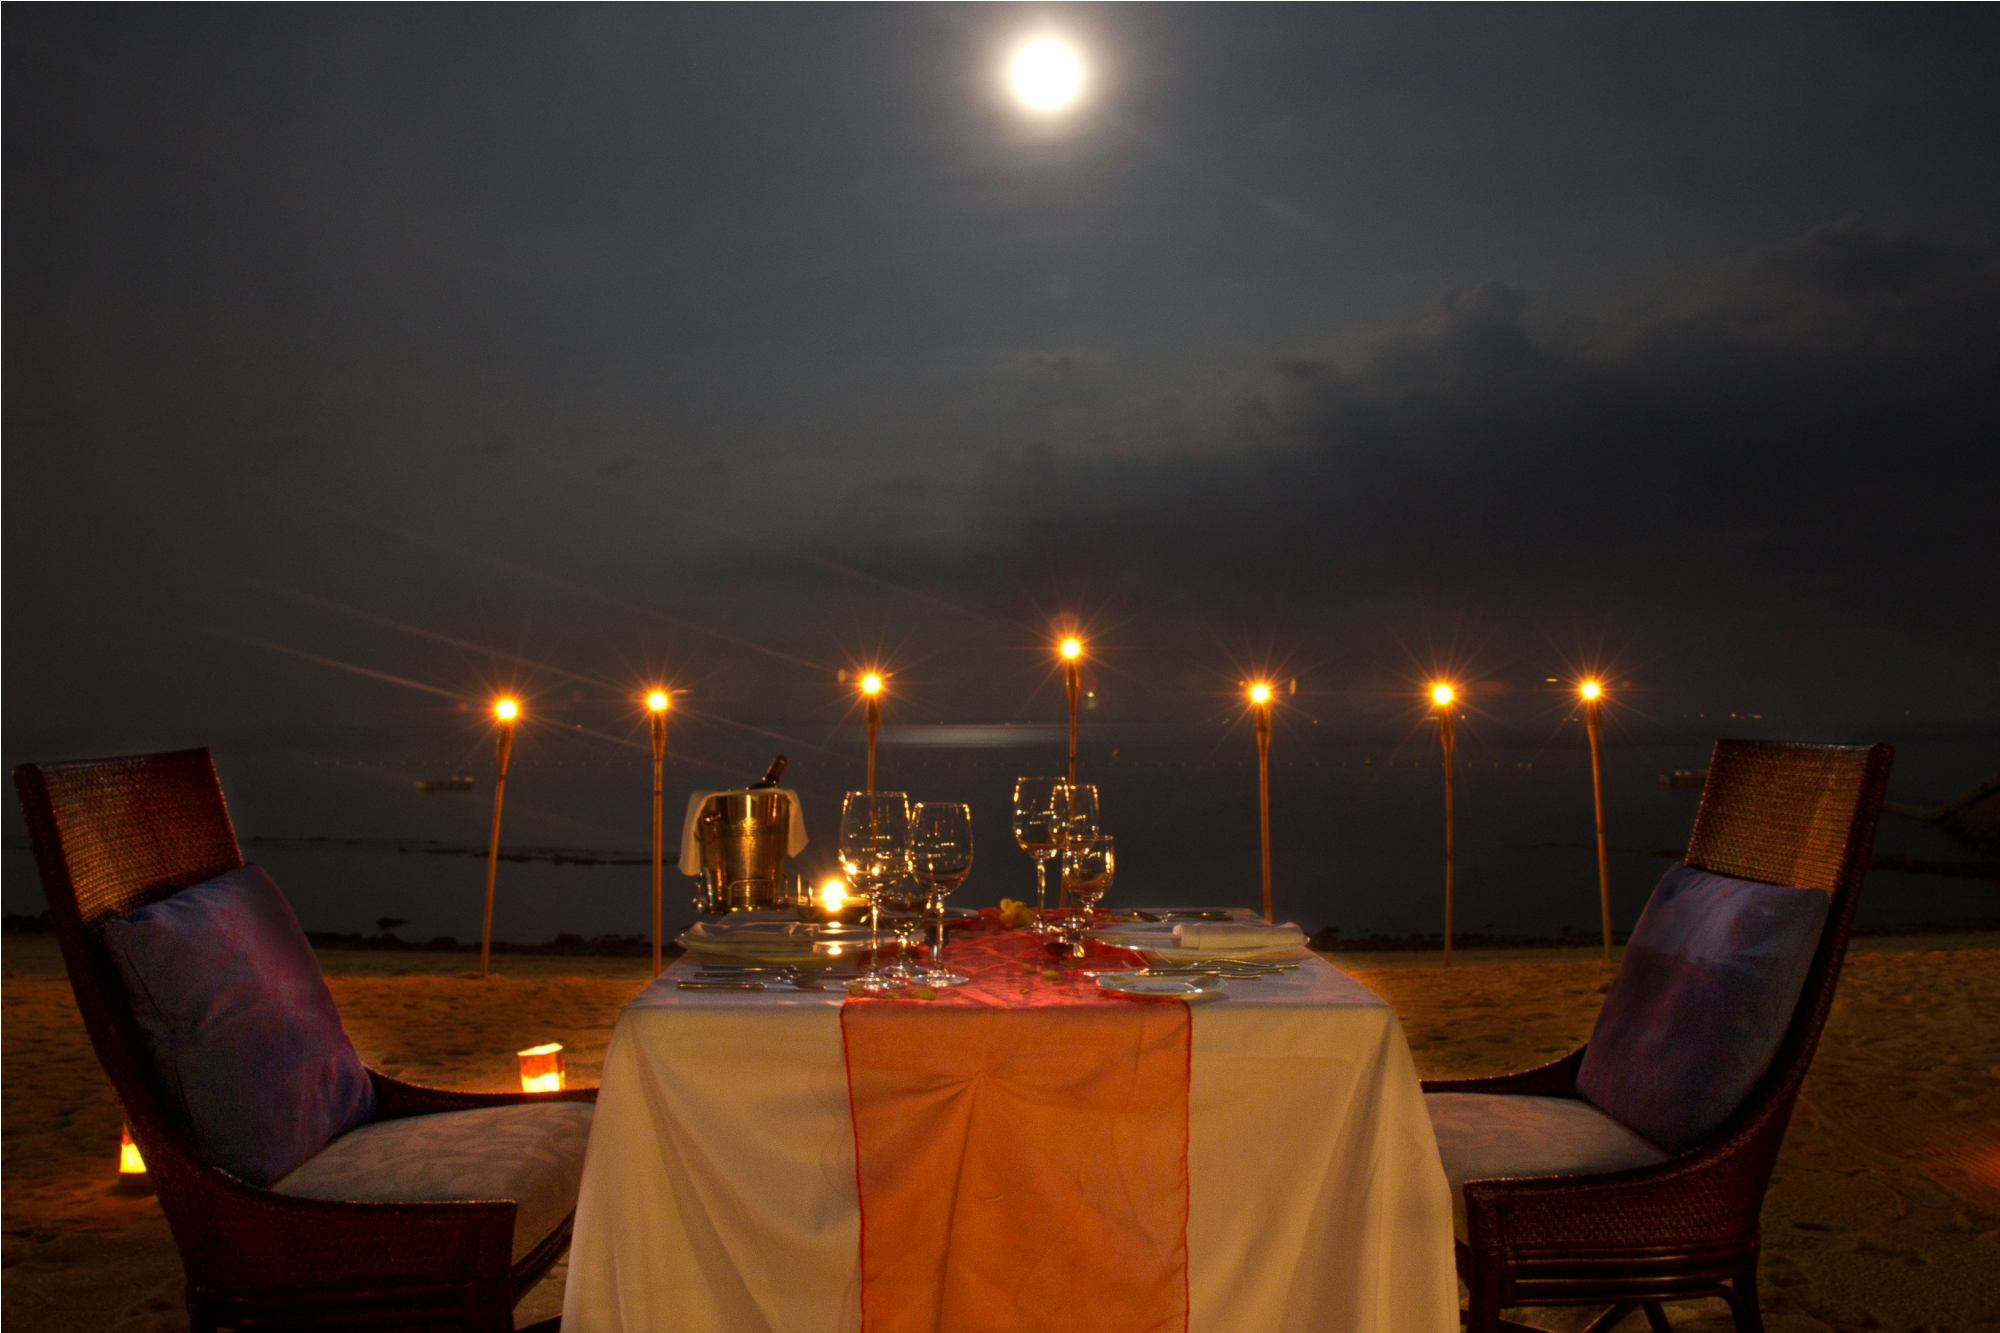 Idee per san valentino appunti di matrimonio - Foto di innamorati a letto ...